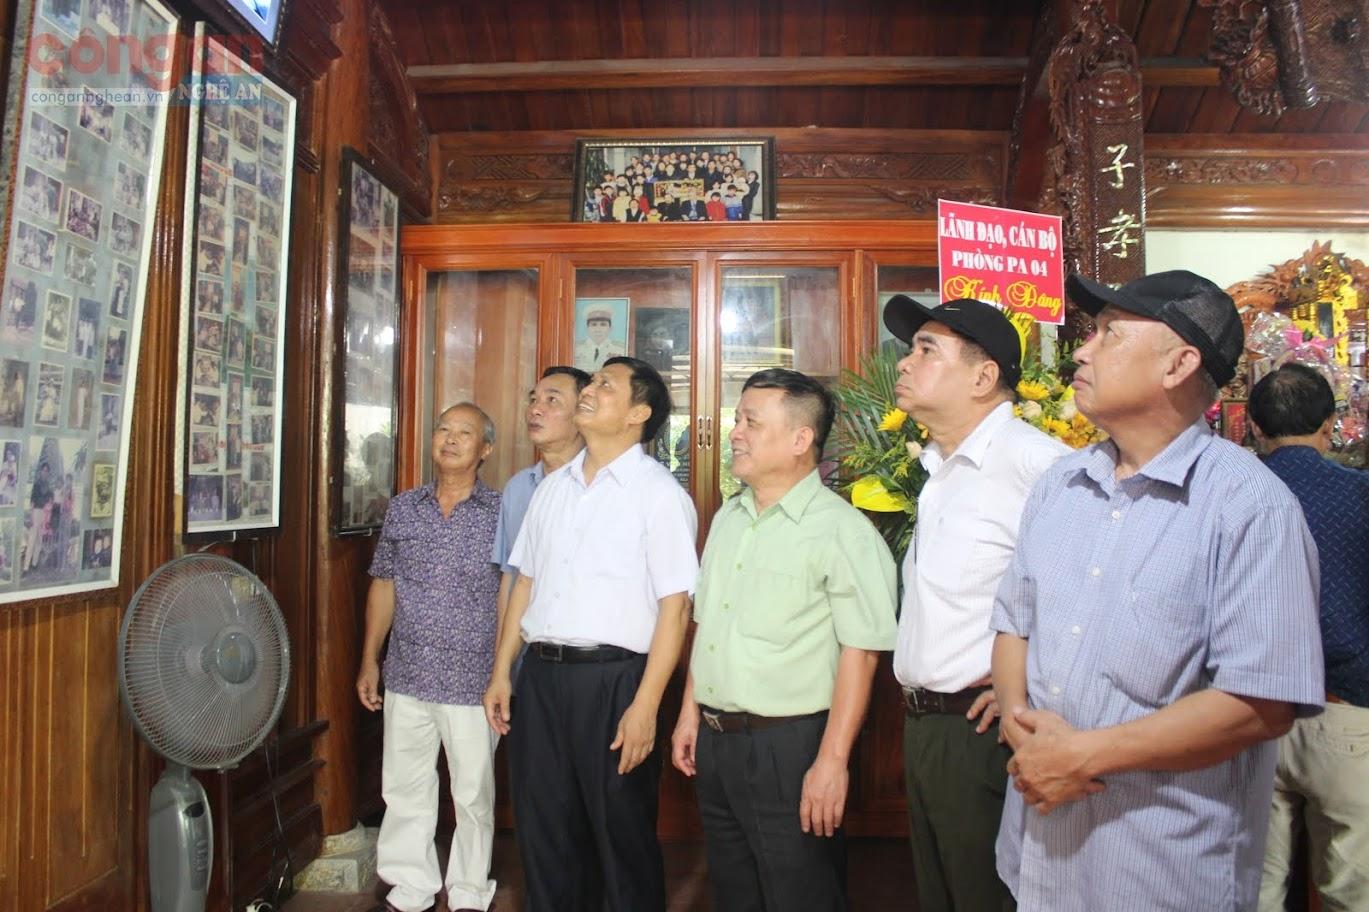 Cán bộ Công an hưu trí xem lại những hình ảnh về cuộc đời và sự nghiệp của Cố Thiếu tướng Lê Văn Khiêu